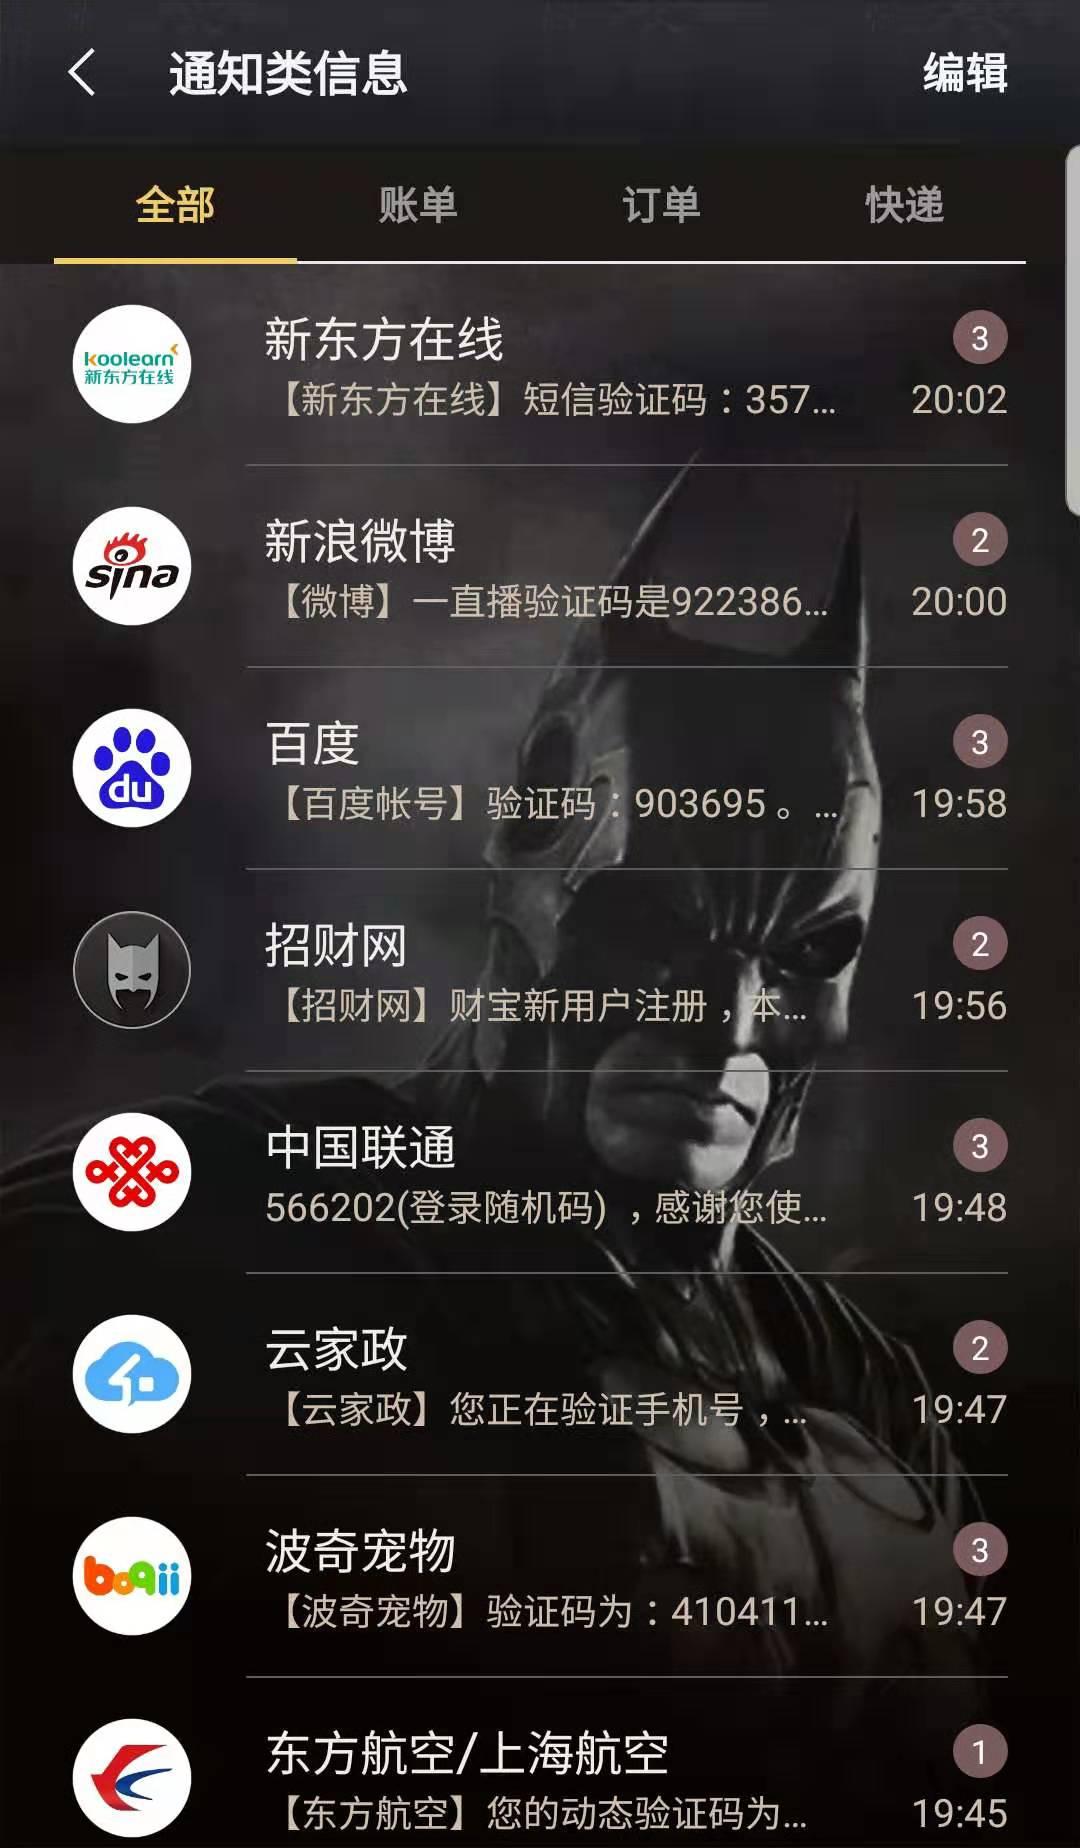 深圳萨摩耶互联网金融服务有限公司恶意爆个人通讯录,严重骚扰,并且恶意把通讯录里电话注册很多网站